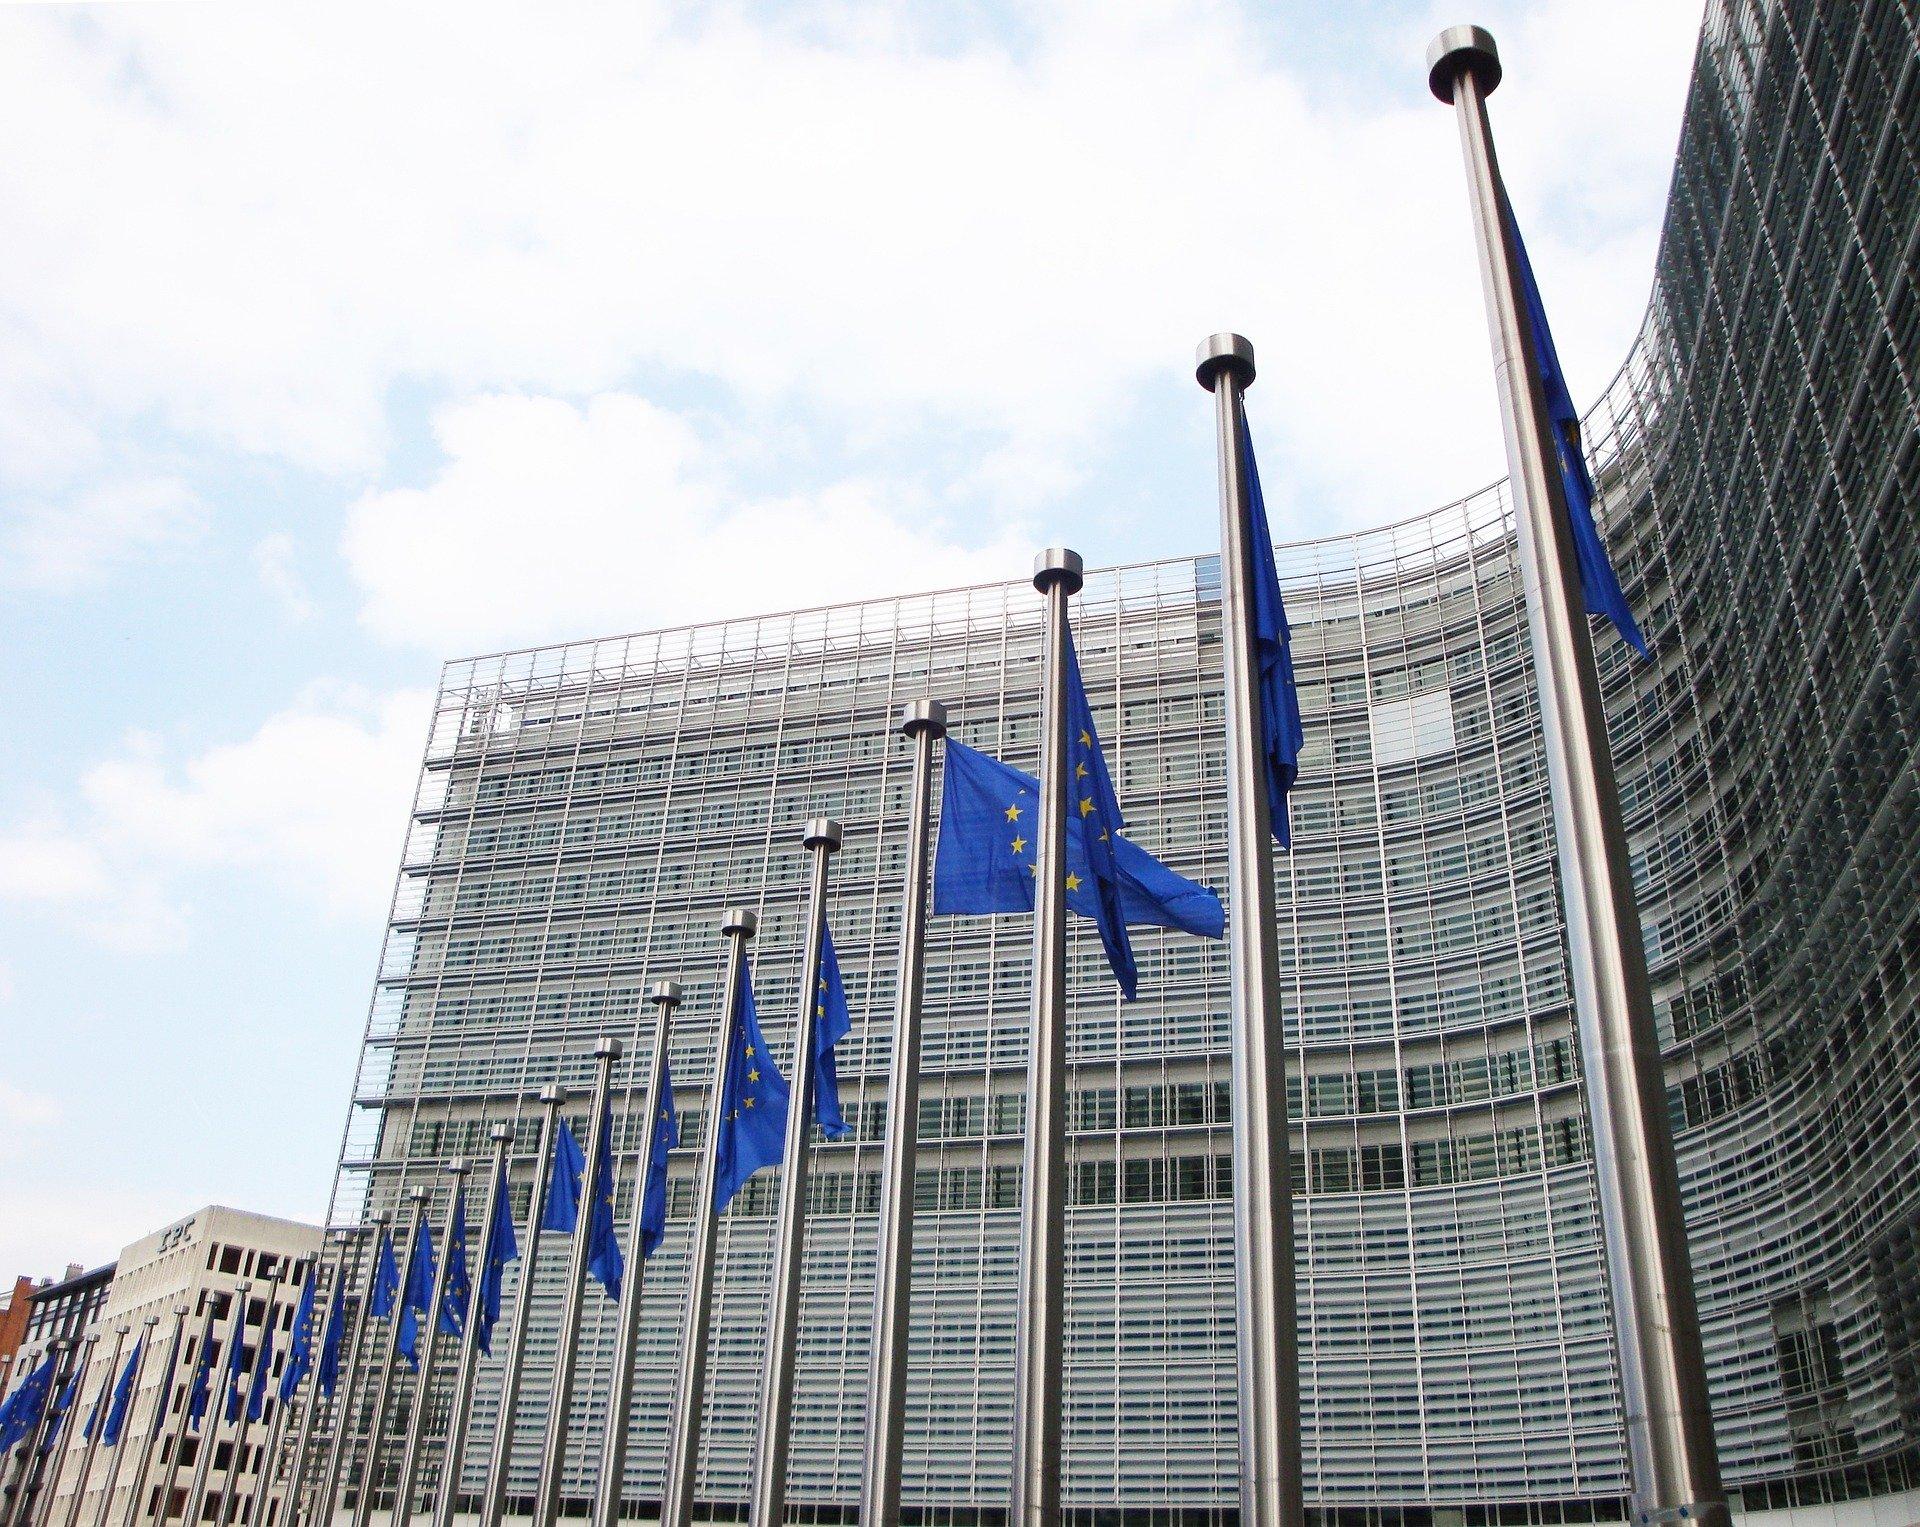 Artykuł Tomasza Brzezińskiego i Adama Wawrzynowicza na temat projektu Europejskiego prawa o klimacie